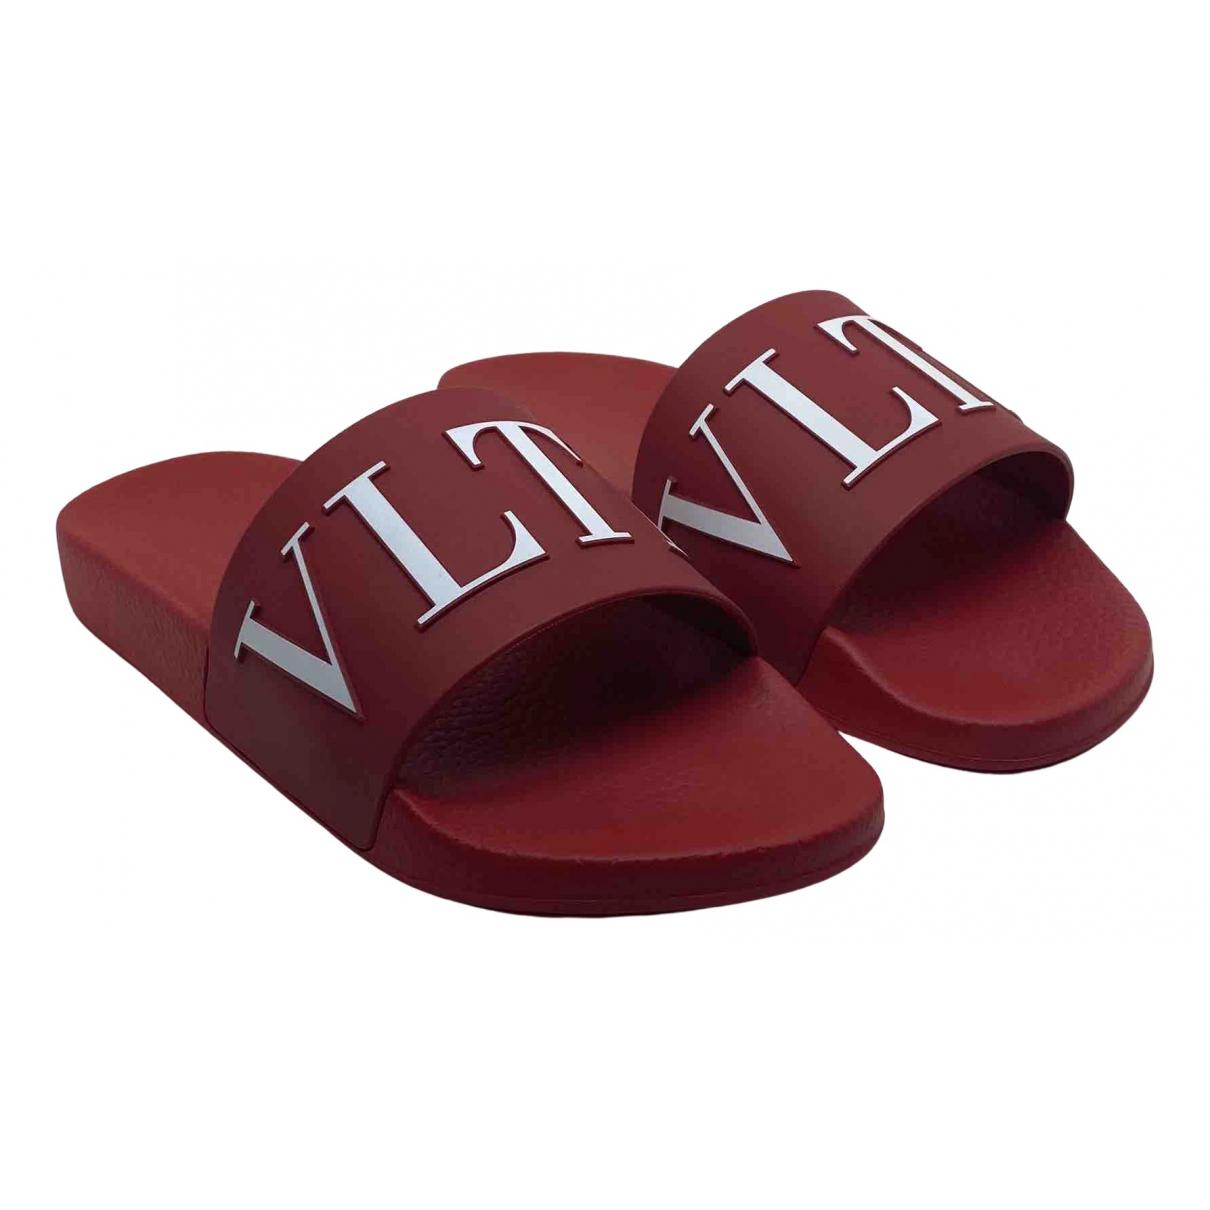 Valentino Garavani - Sandales   pour homme - rouge